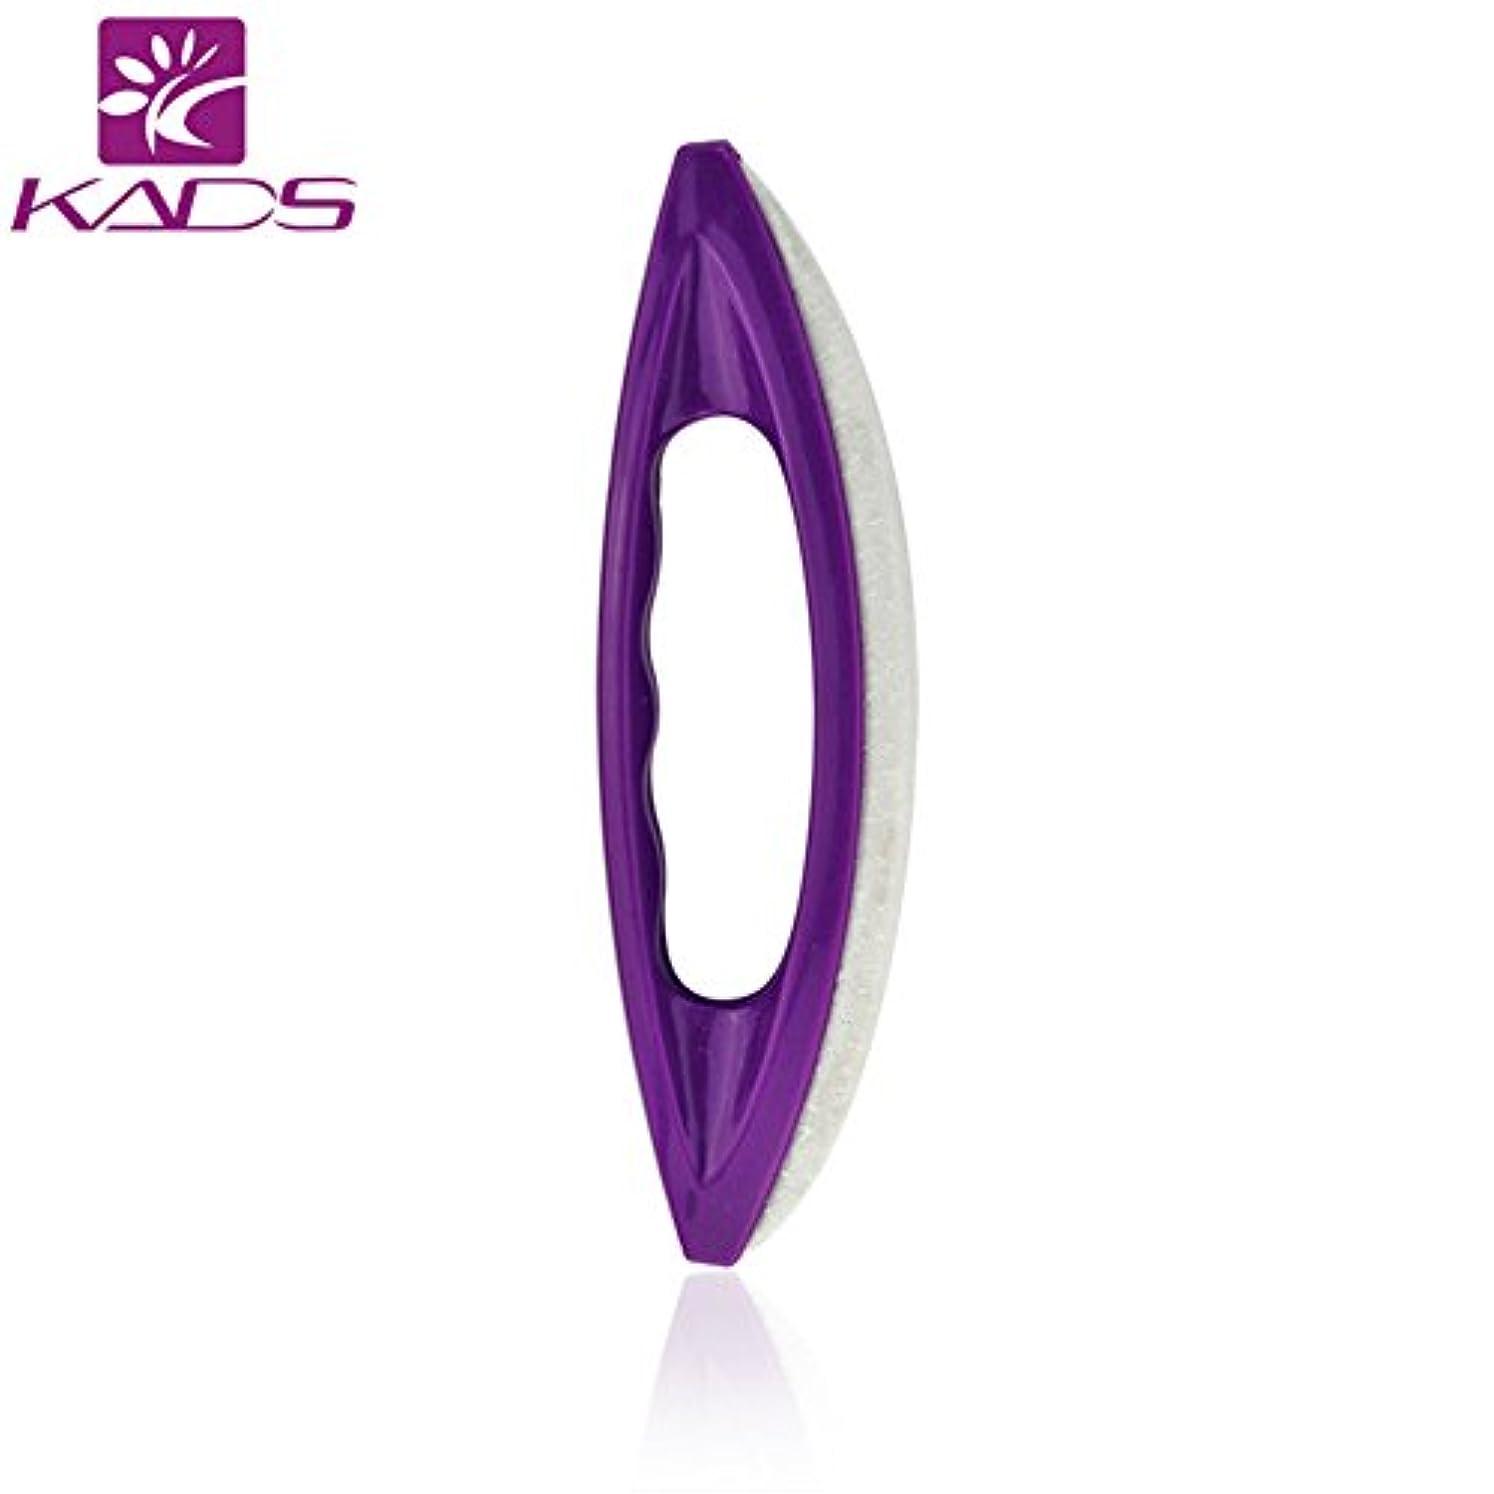 変装した類推習熟度KADS シャモアジェルネイルバッファー ピカピカ ネイルシャイナー ポリッシュツール 羊レザー製ネイルアートツール